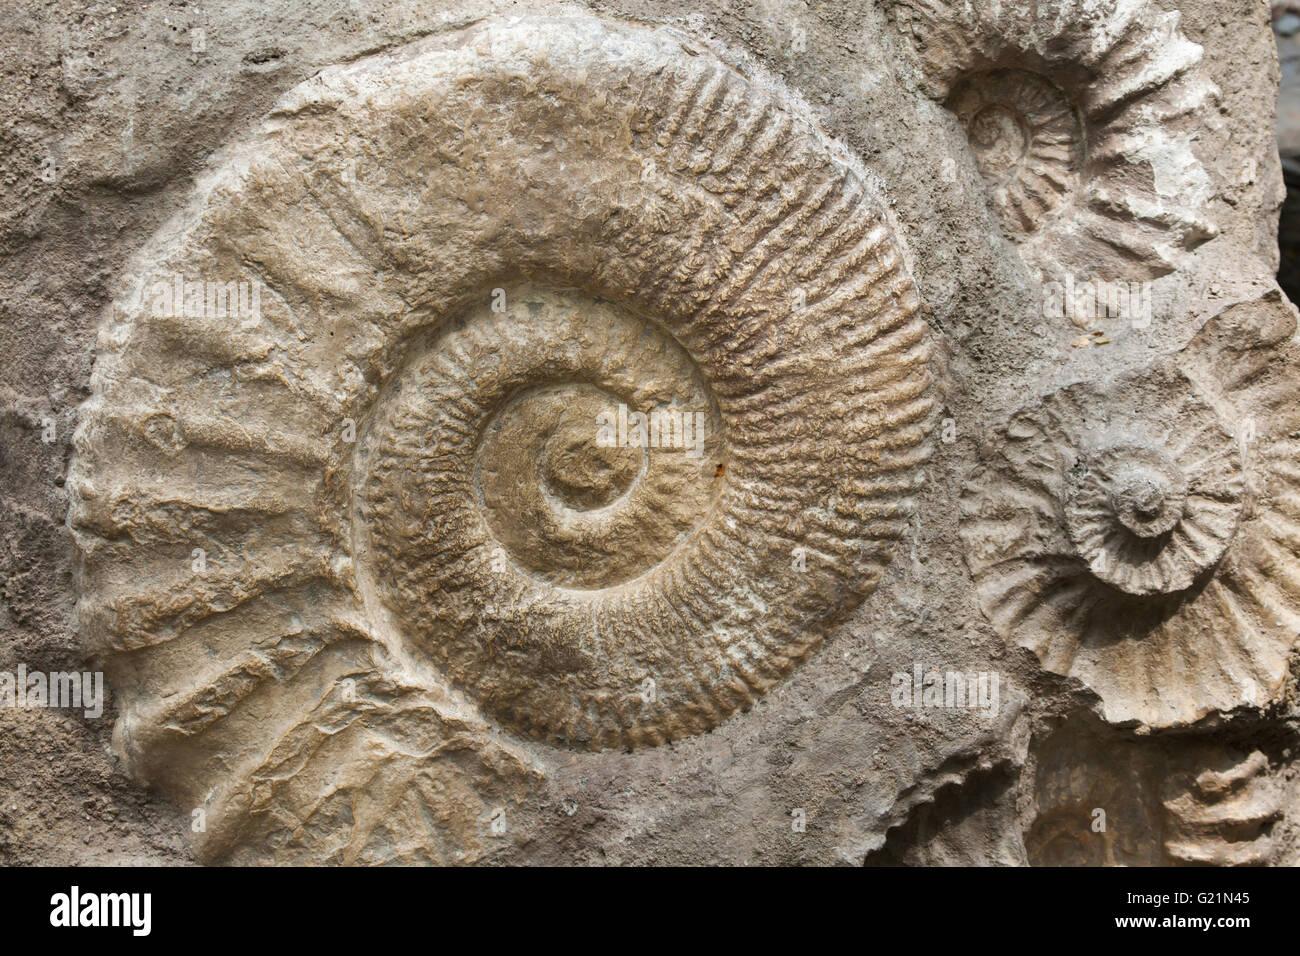 Scaphites de la familia de los hijos de Ammón heteromorph generalizados durante el período Cretácico encontrado Foto de stock